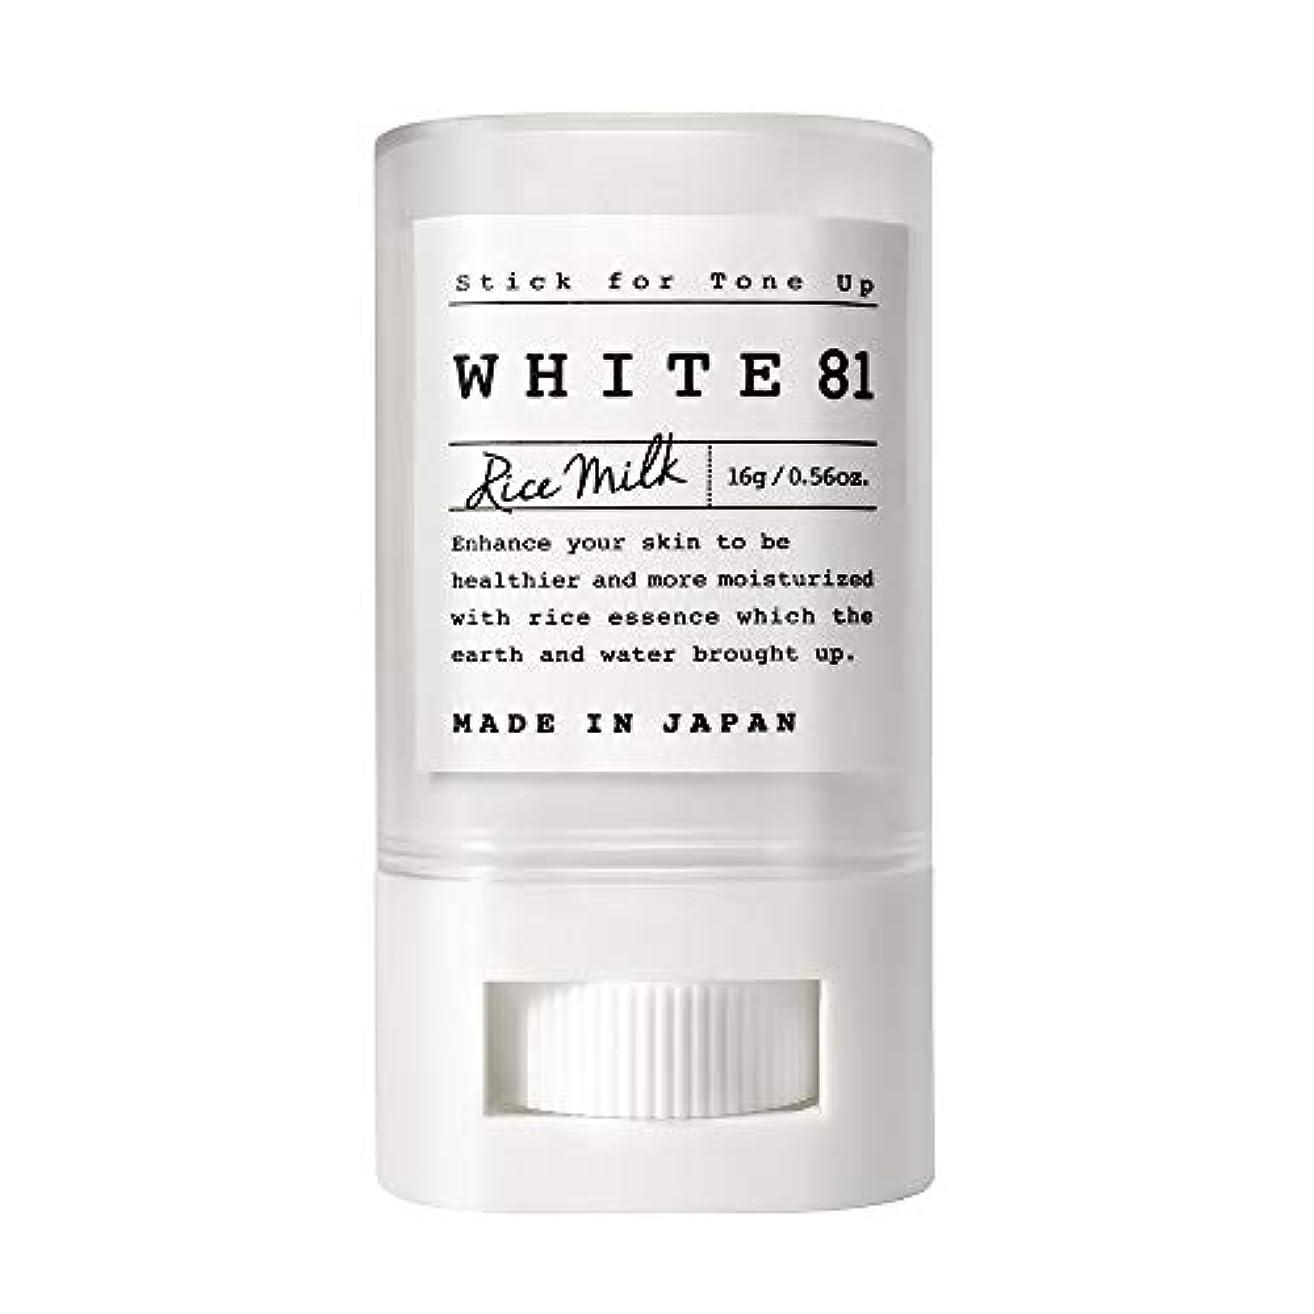 助けになる平手打ち聴覚障害者WHITE81 ホワイト81 トーンアップスティック(化粧下地?日焼け止め / SPF35?PA+++?ウォータープルーフ?複合保湿成分配合?肌に優しい6種のフリー / 日本製)